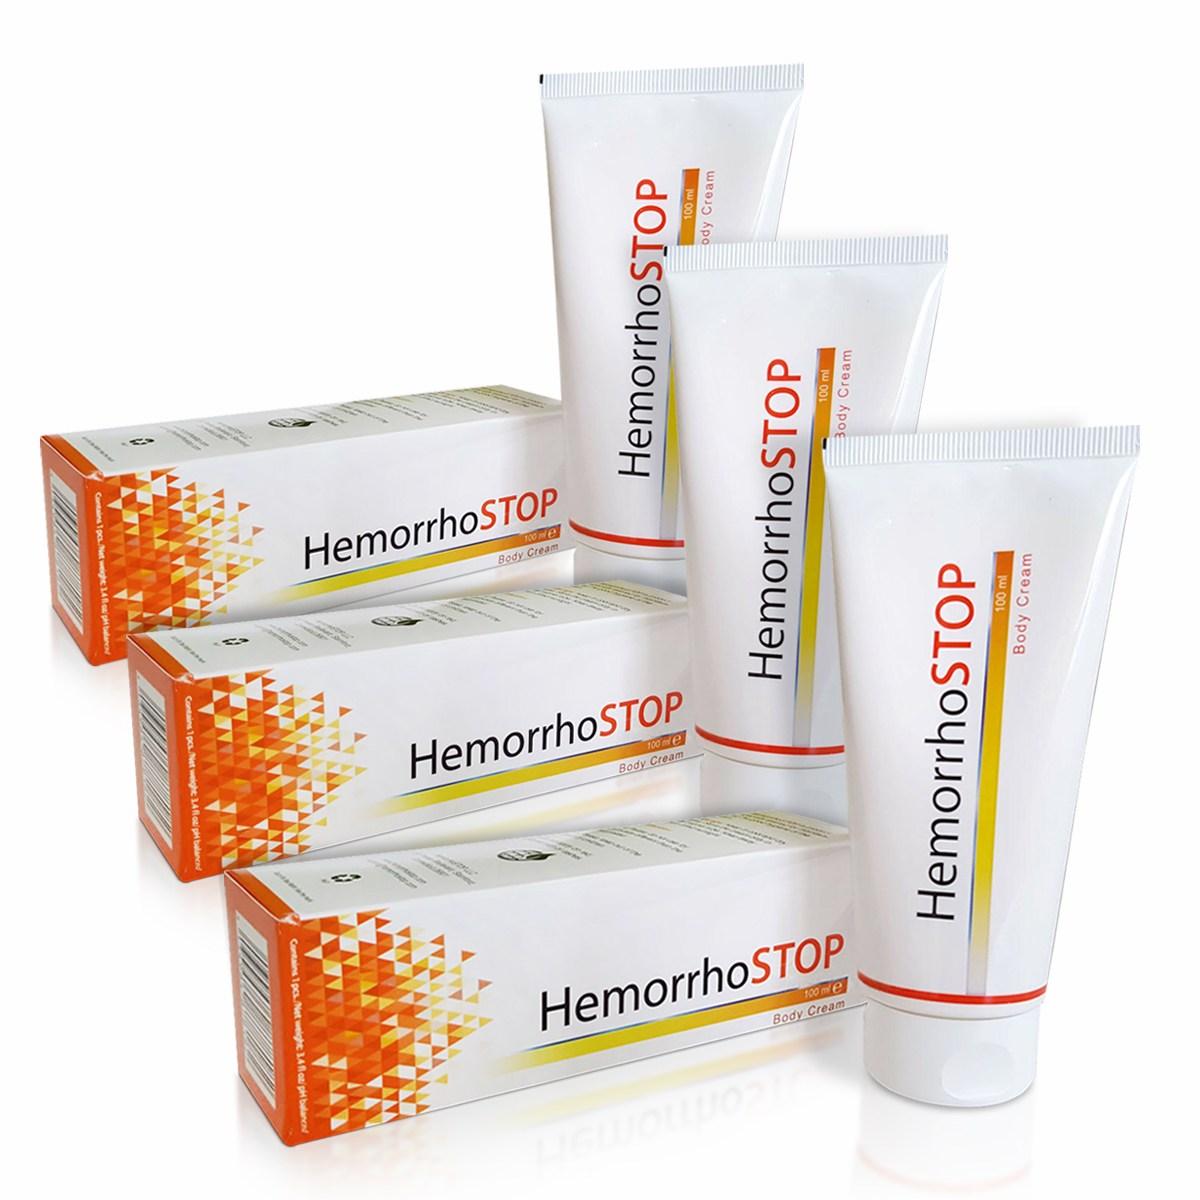 hemorrhostop-cream-pantip-%e0%b8%a3%e0%b8%b2%e0%b8%84%e0%b8%b2-%e0%b8%82%e0%b8%ad%e0%b8%87%e0%b9%81%e0%b8%97%e0%b9%89-%e0%b8%a3%e0%b8%b5%e0%b8%a7%e0%b8%b4%e0%b8%a7